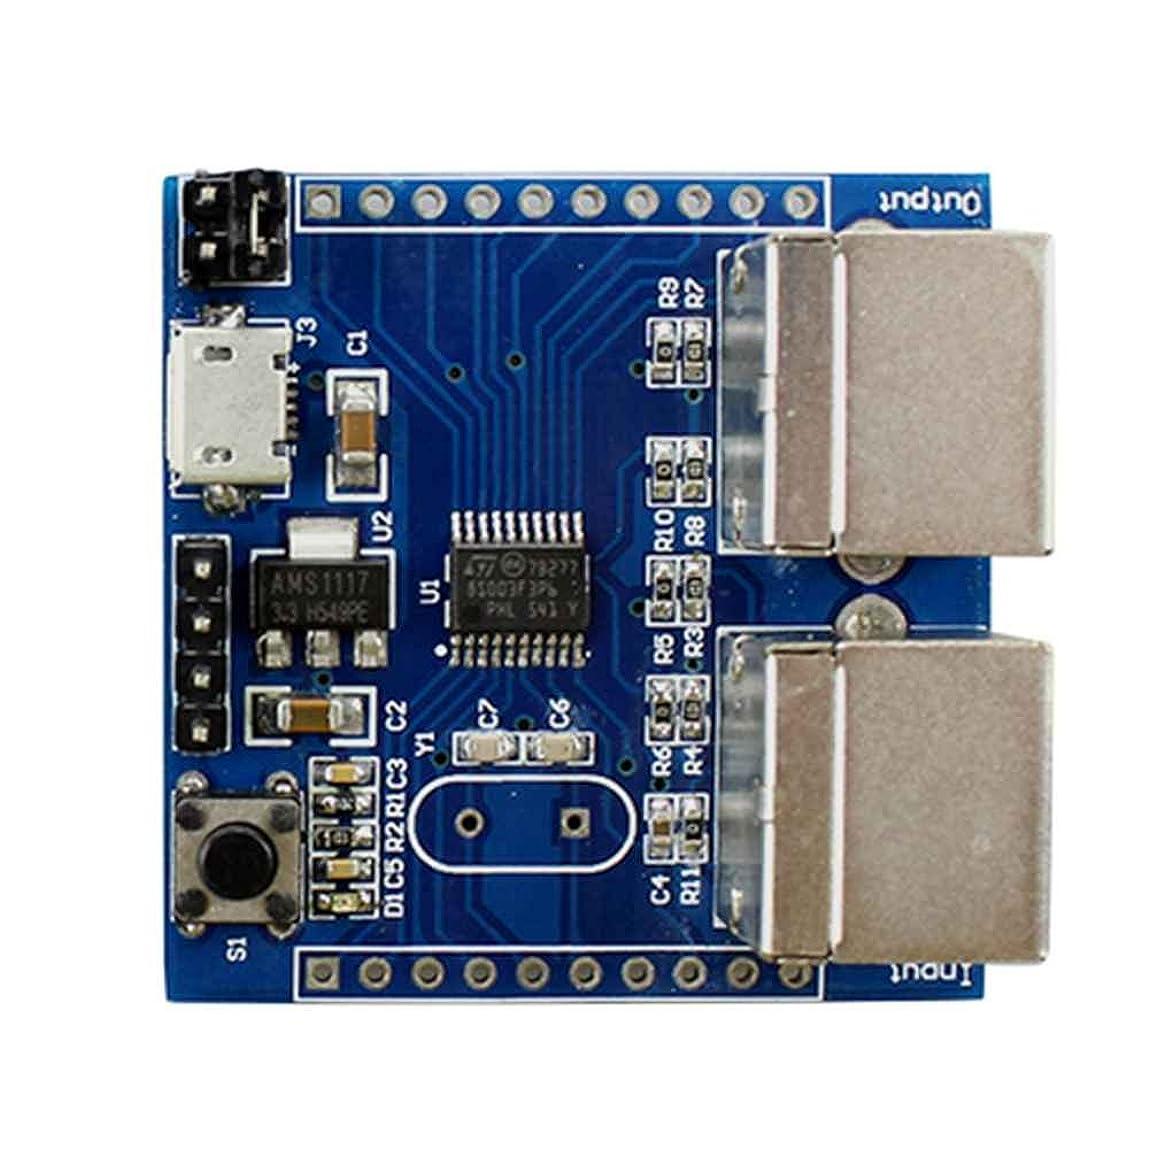 落とし穴まさにハウジングjigrui PS2キーボードドライバモジュール キーボードキャプチャーアダプターボード STM8S103F3P6 コアモジュール LEDインジケーター